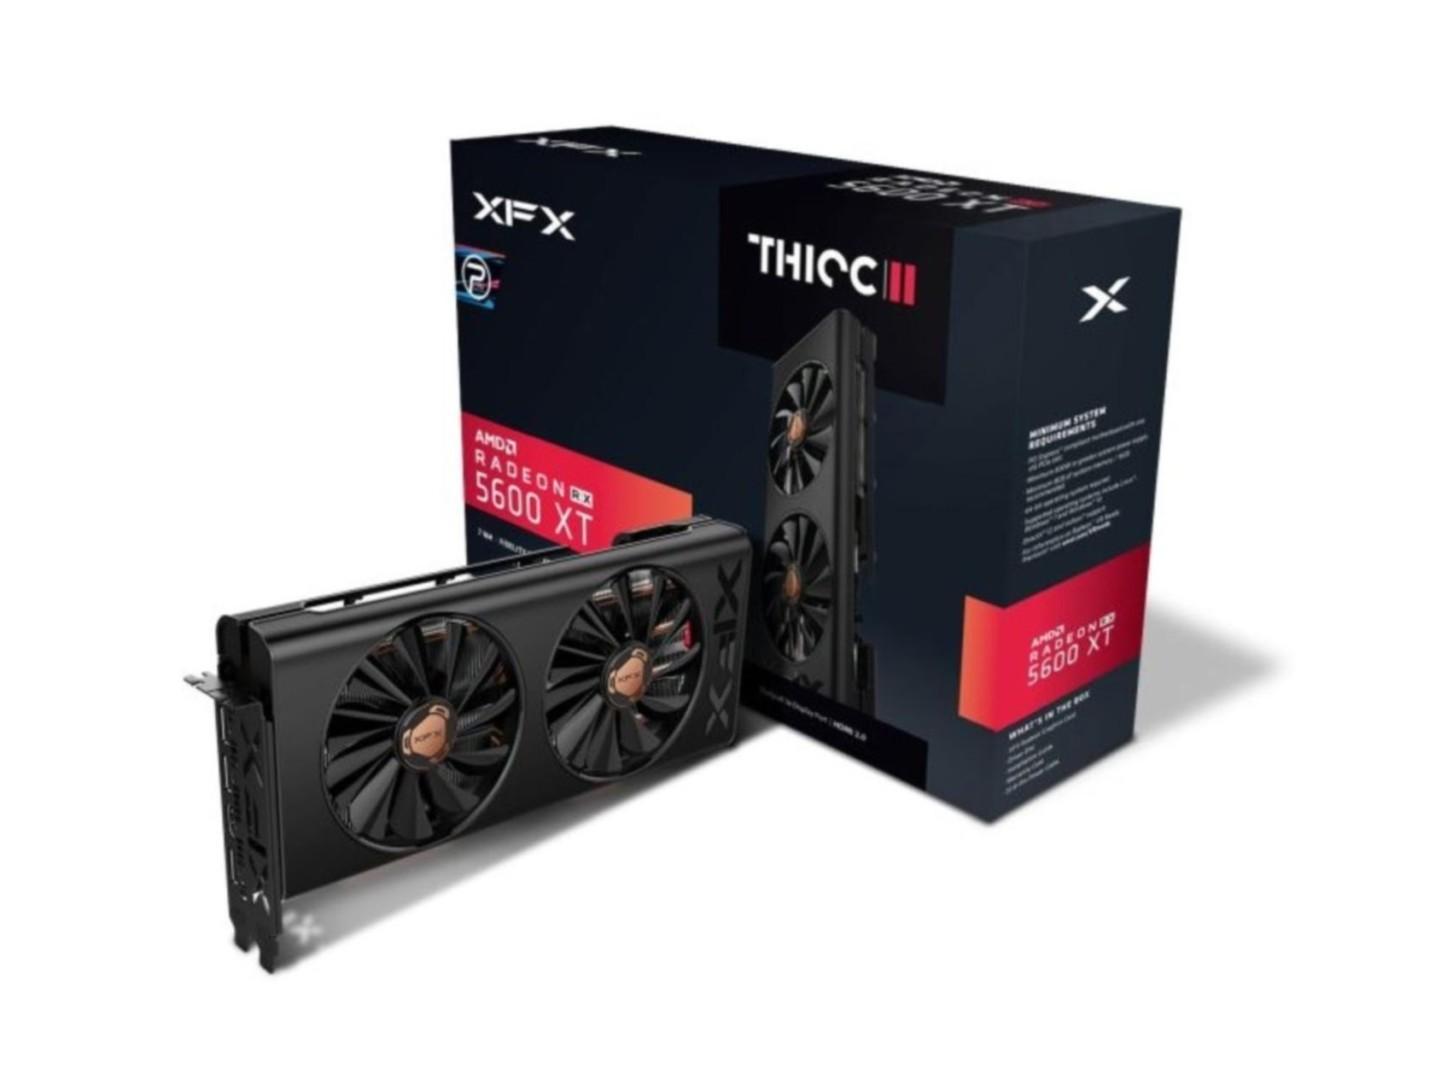 Lanzaron Radeon RX 5600 XT: la nueva y bestial placa de video de AMD